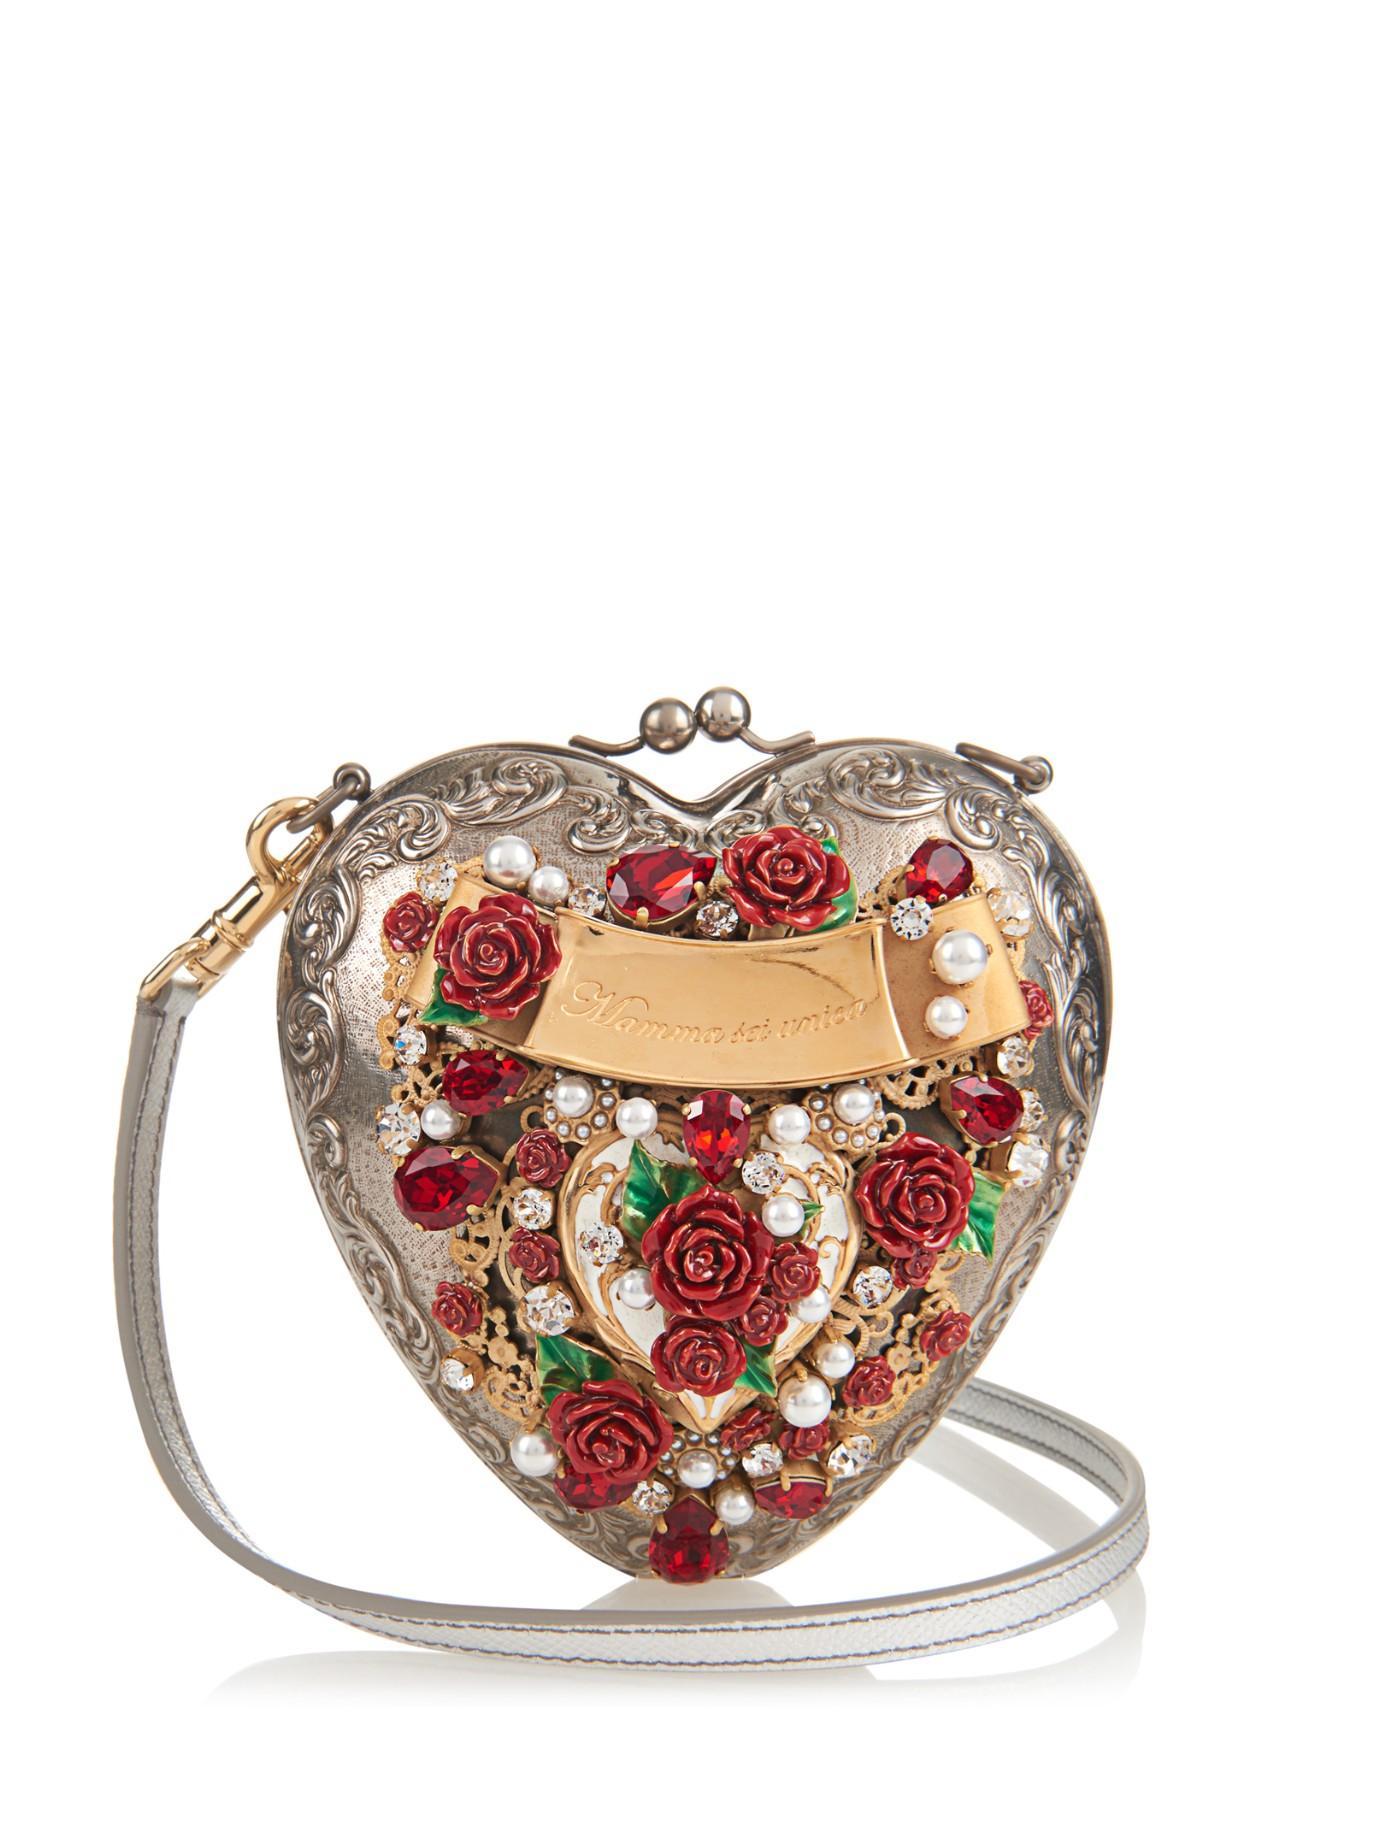 64cfaeaf770d Dolce   Gabbana Rose-embellished Cross-body Heart Bag - Lyst